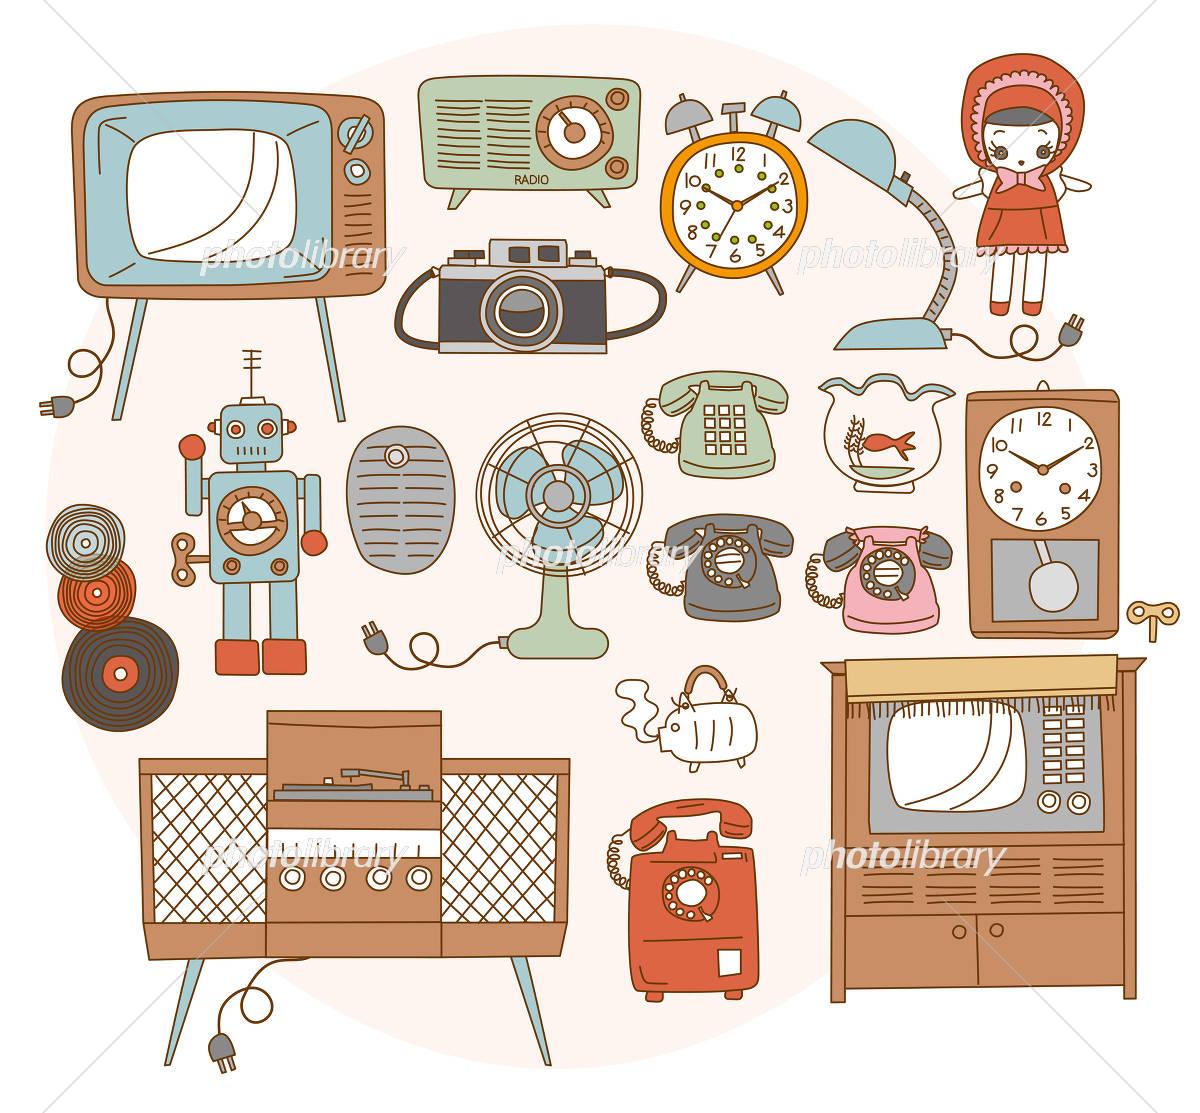 昭和のレトロ家電 イラスト素材 4196336 フォトライブラリー